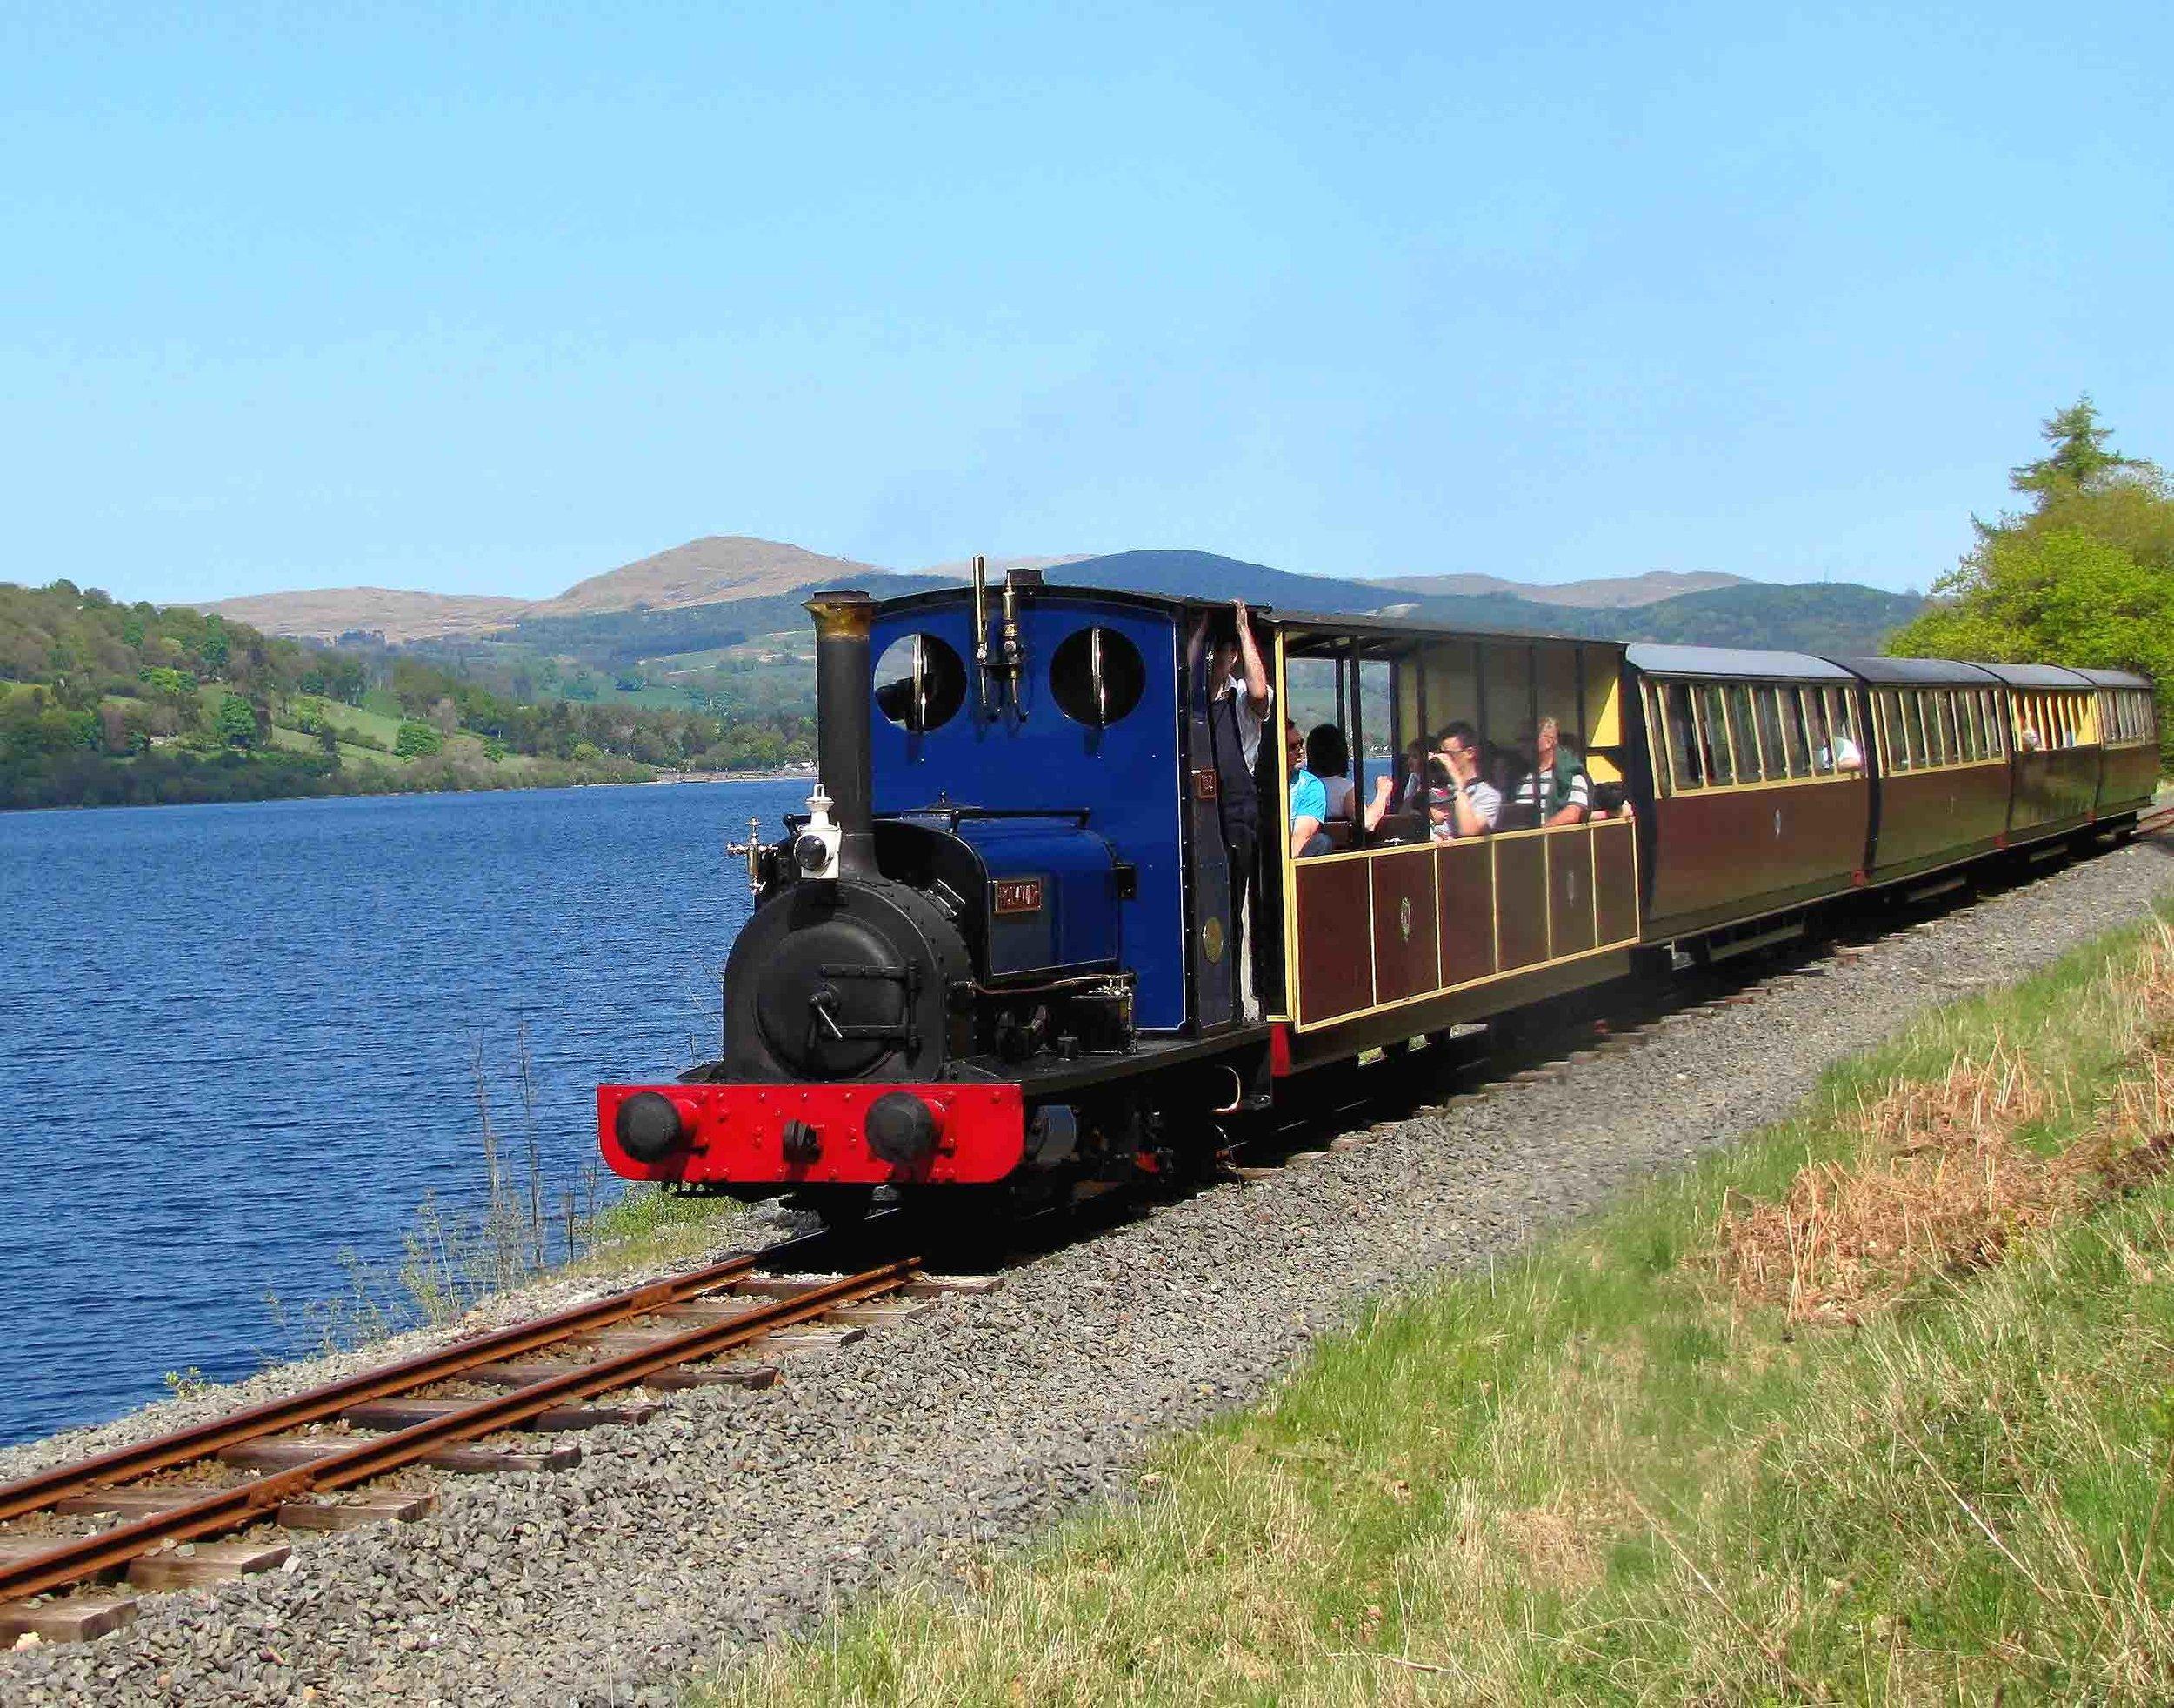 2011 04 27  Bala Railway  and Llyn Tegid.jpg